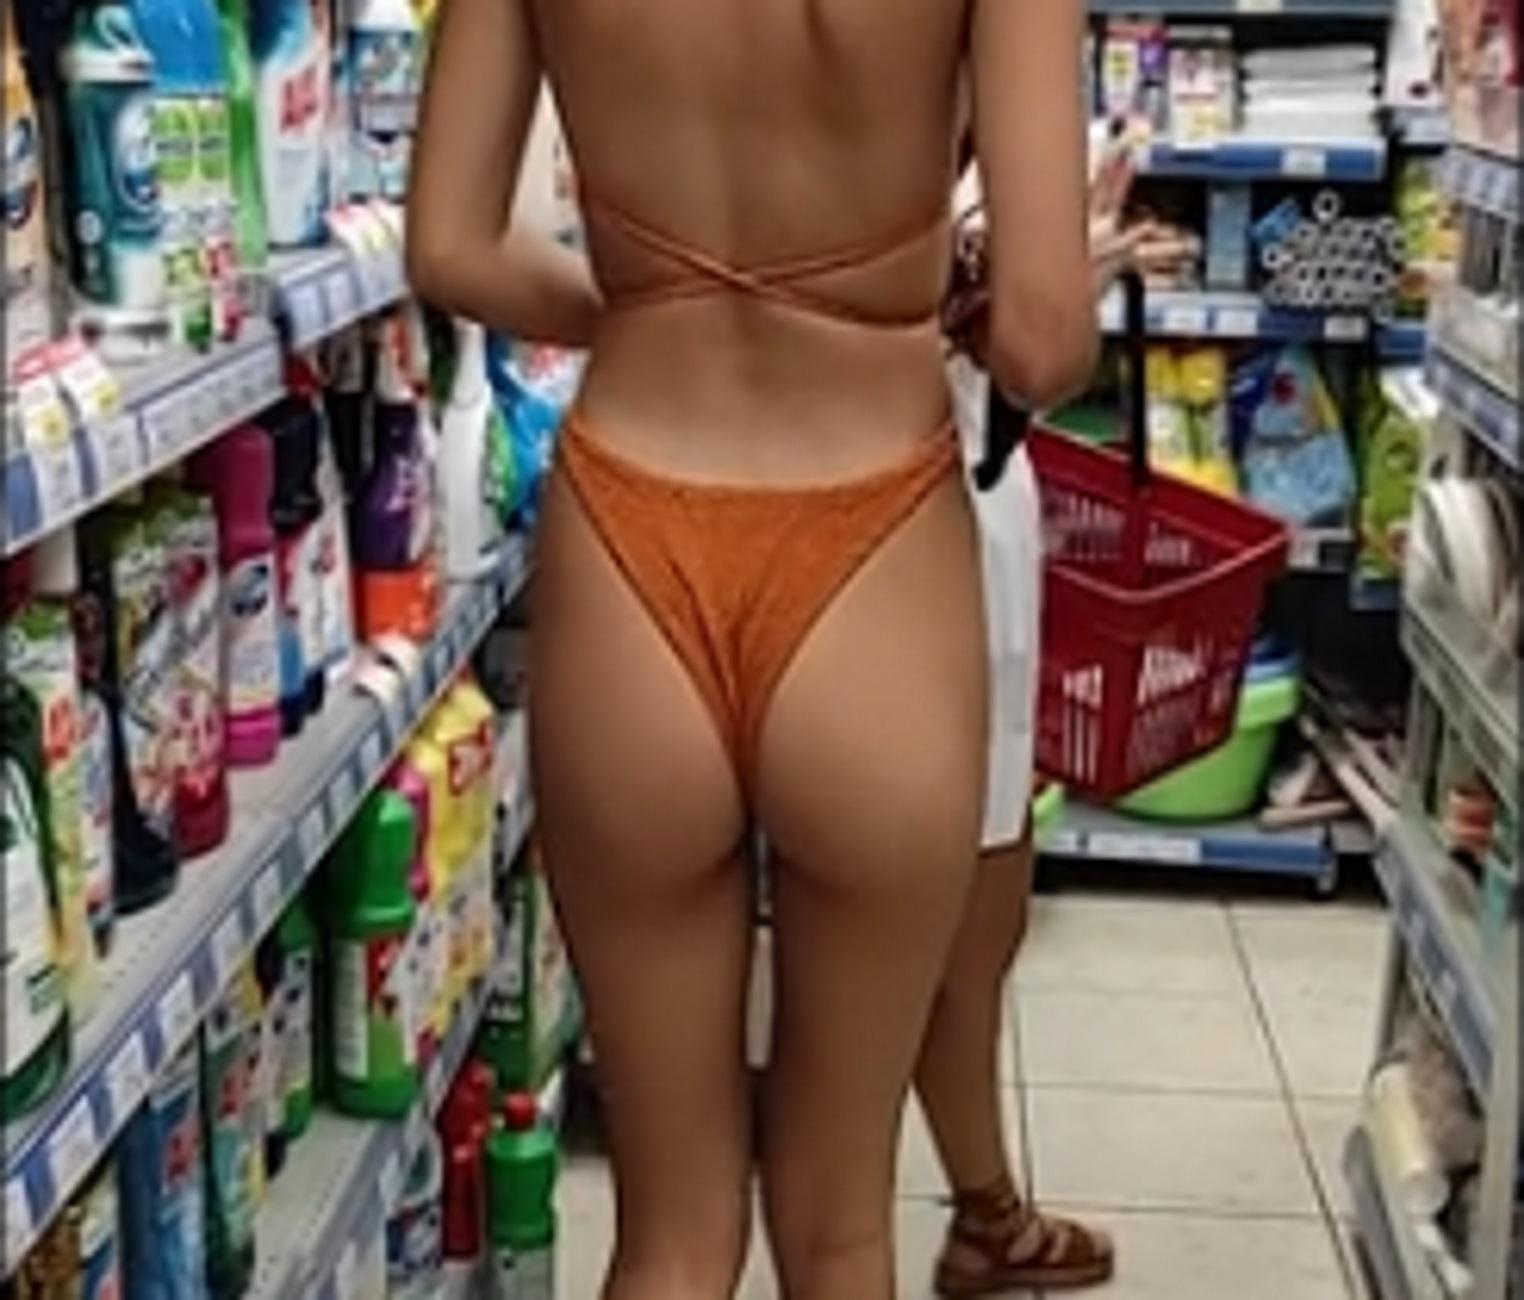 Μύκονος: Μπήκε να ψωνίσει έτσι στο σούπερ μάρκετ και οι πελάτες «έχασαν» τα αυγά και τα καλάθια